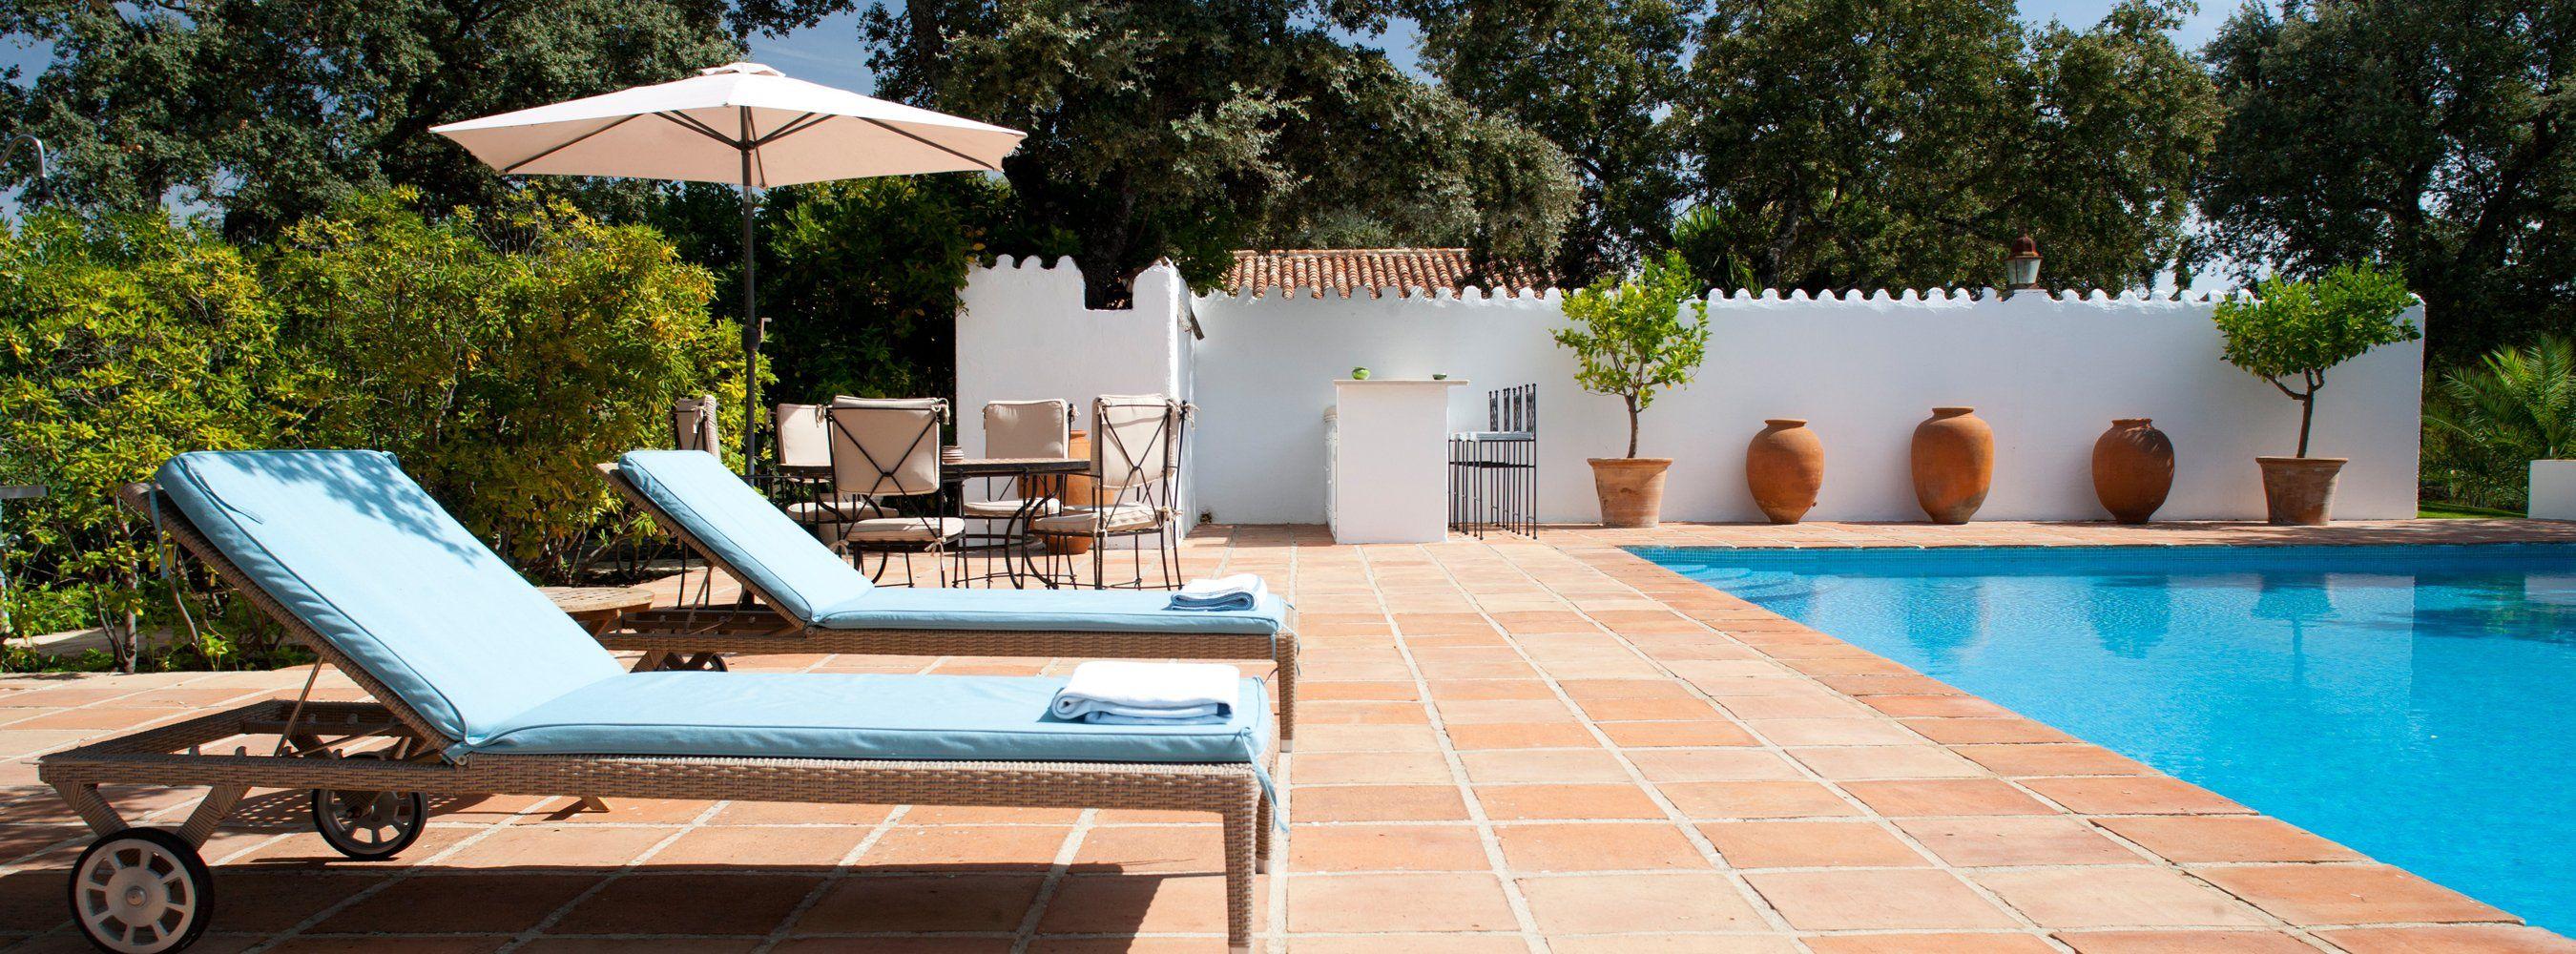 holiday rental pool las encinas